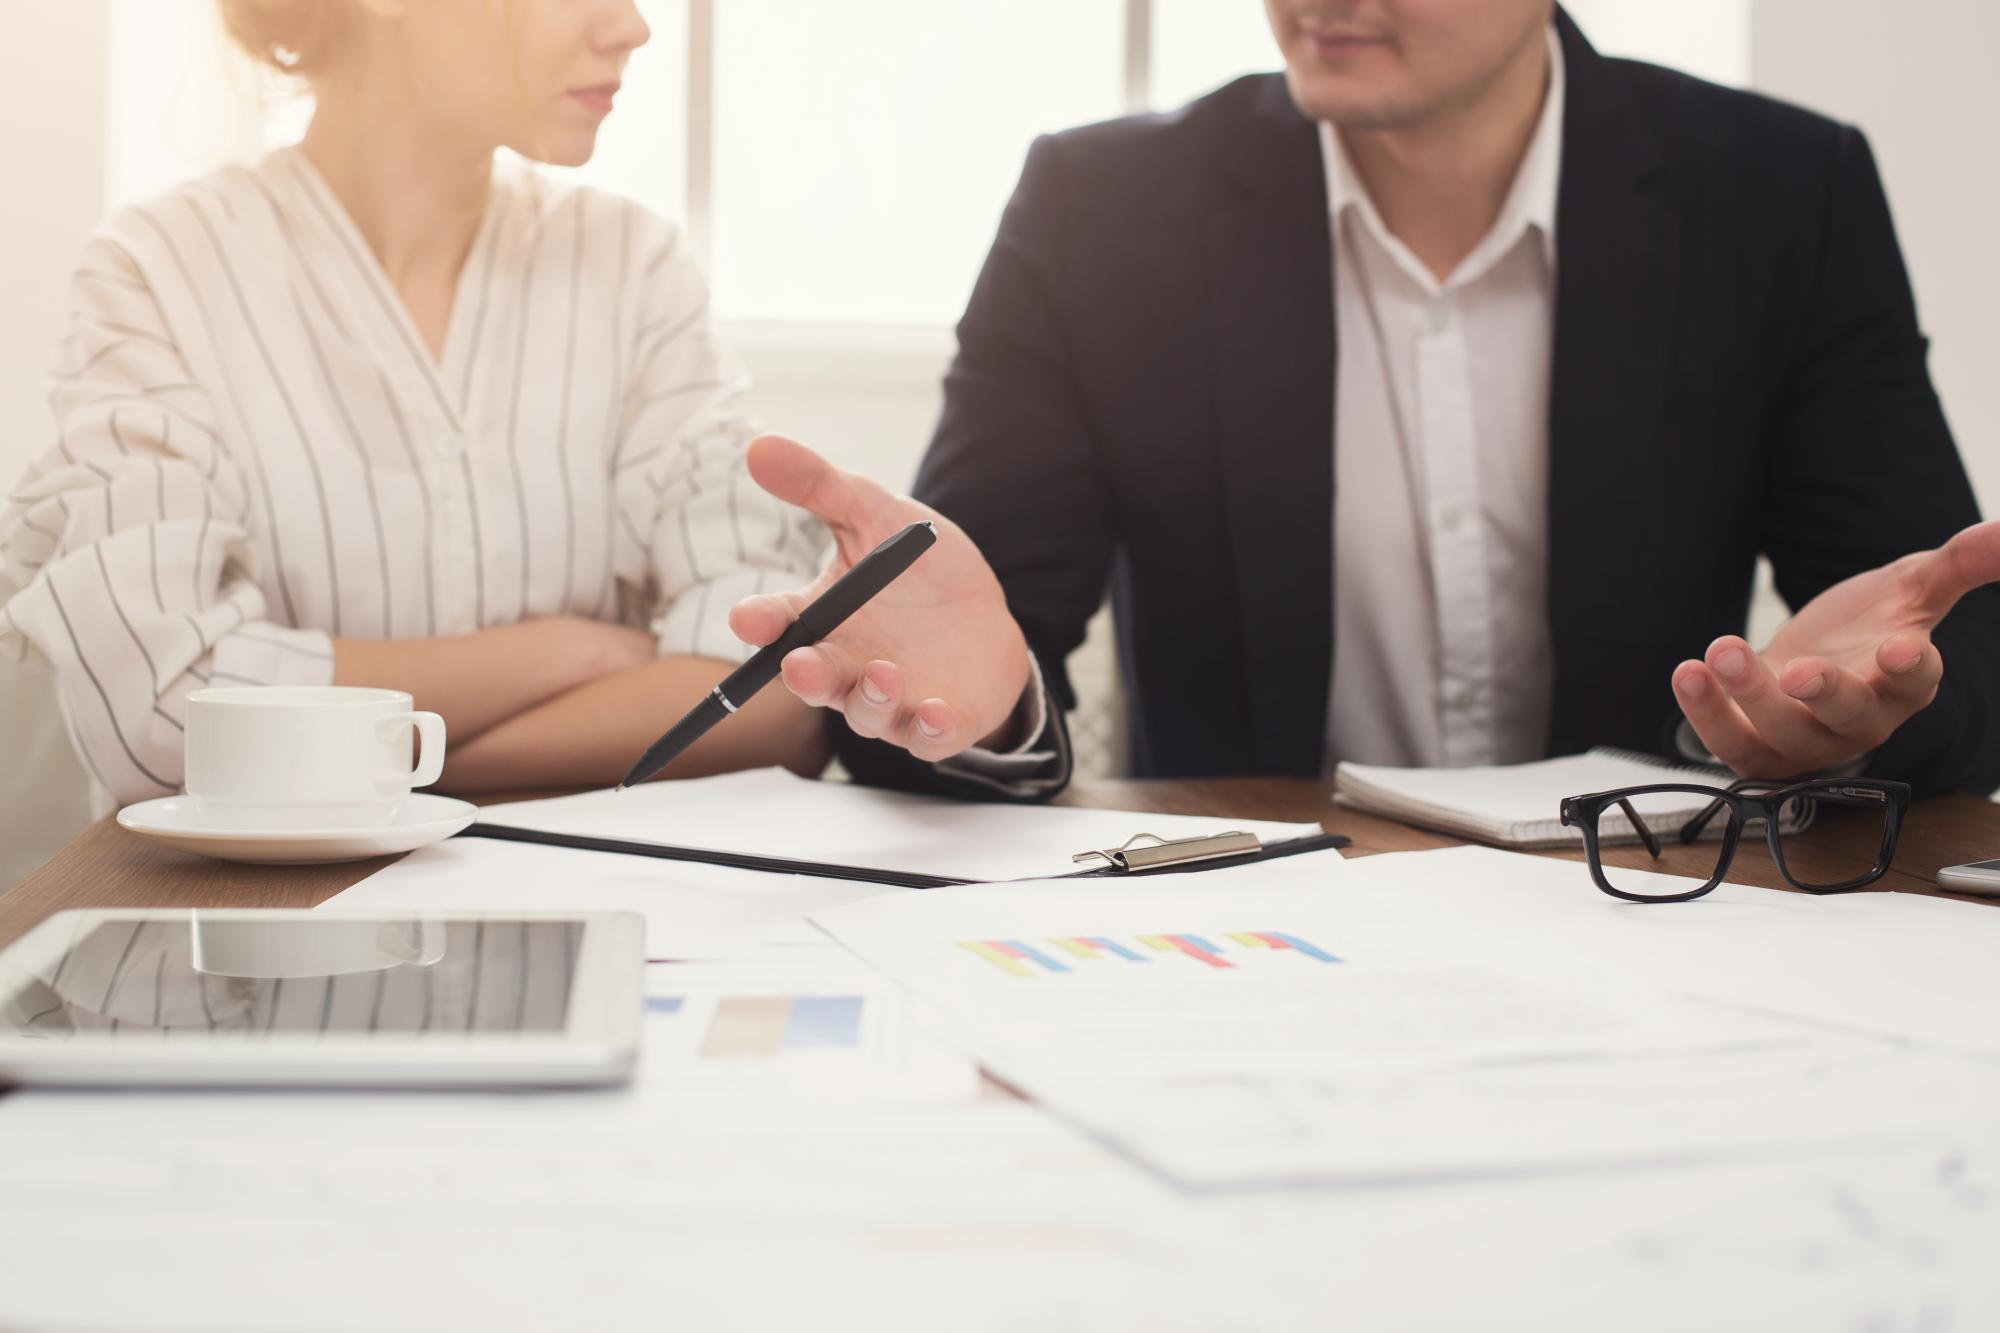 ФНС разработала формат постановления о взыскании налога за счет имущества налогоплательщика